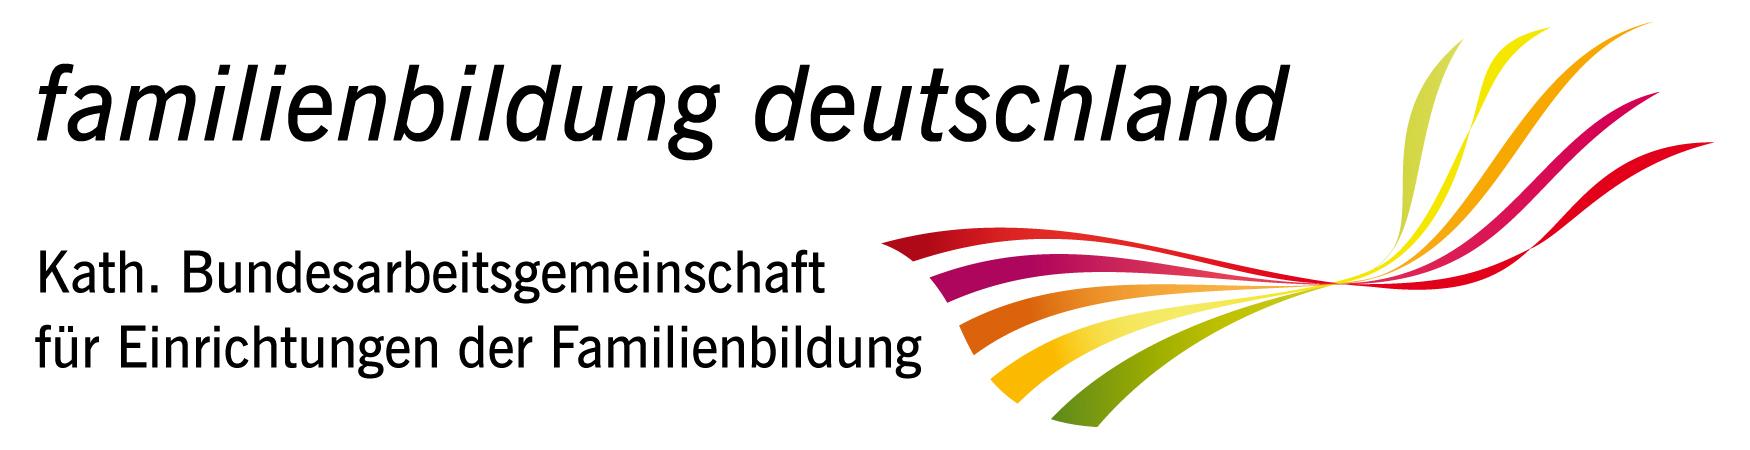 familienbildung deutschland